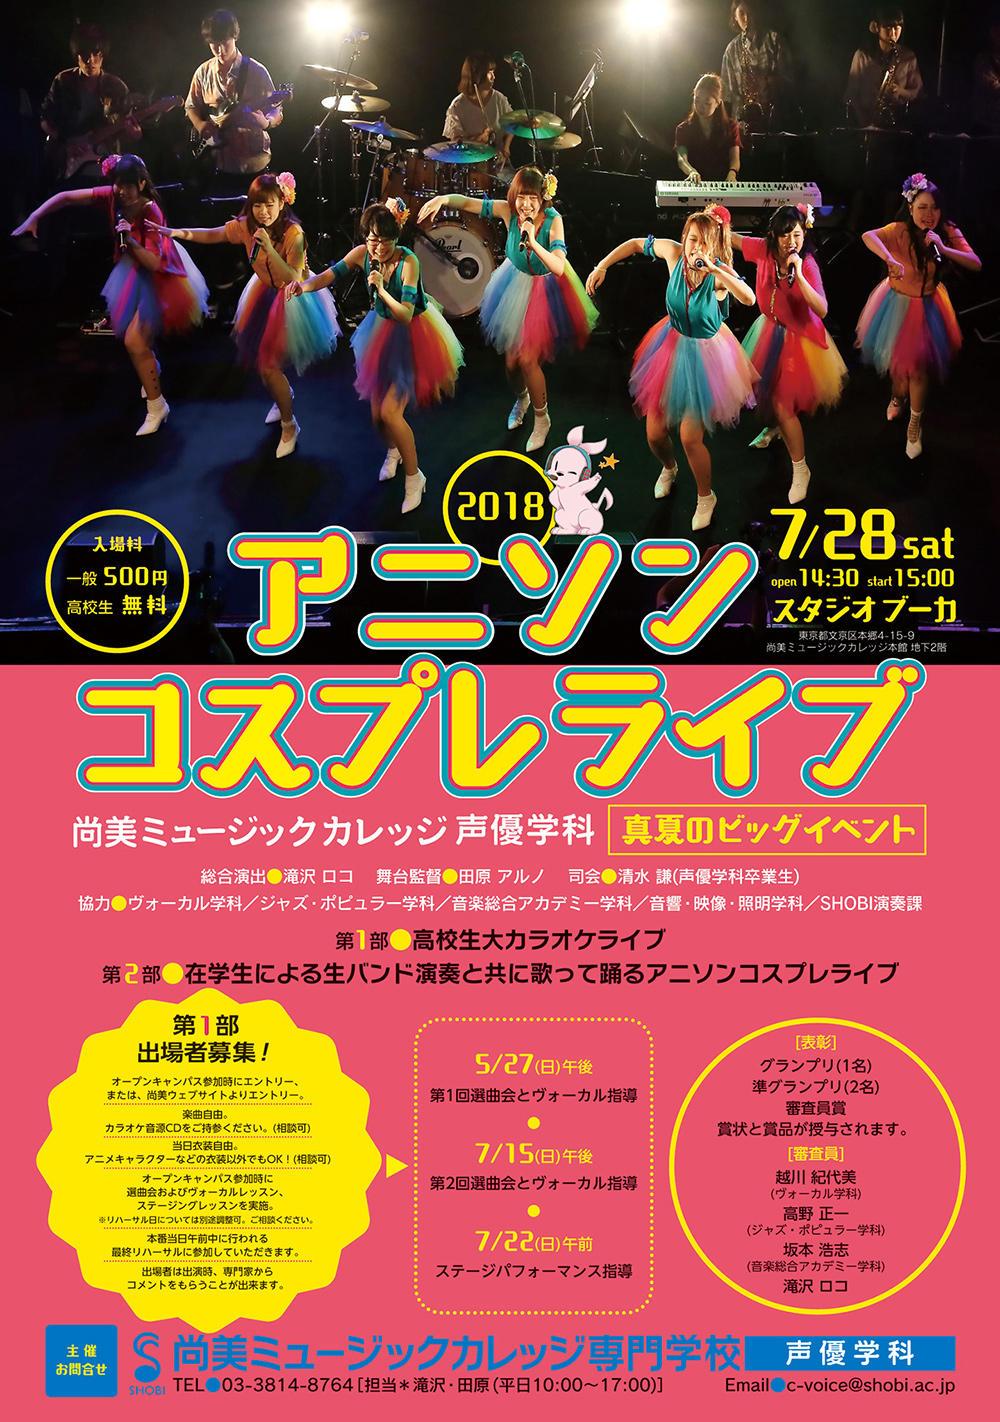 http://www.shobi.ac.jp/event/9338a75a29a2e0fcf1348675bf1dabb9a5c61ba8.jpg